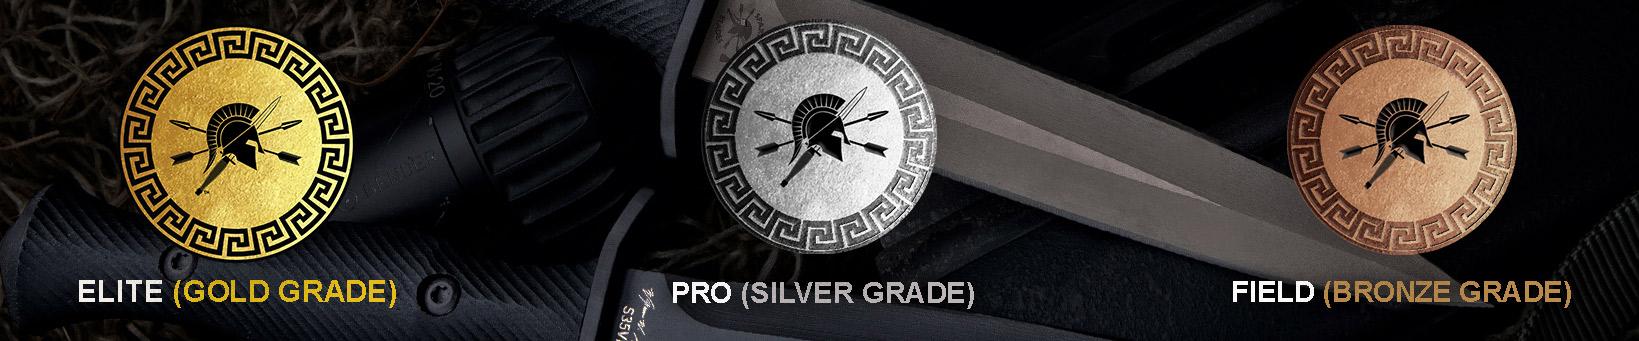 spartan-blades-gold-silver-bronze.jpg